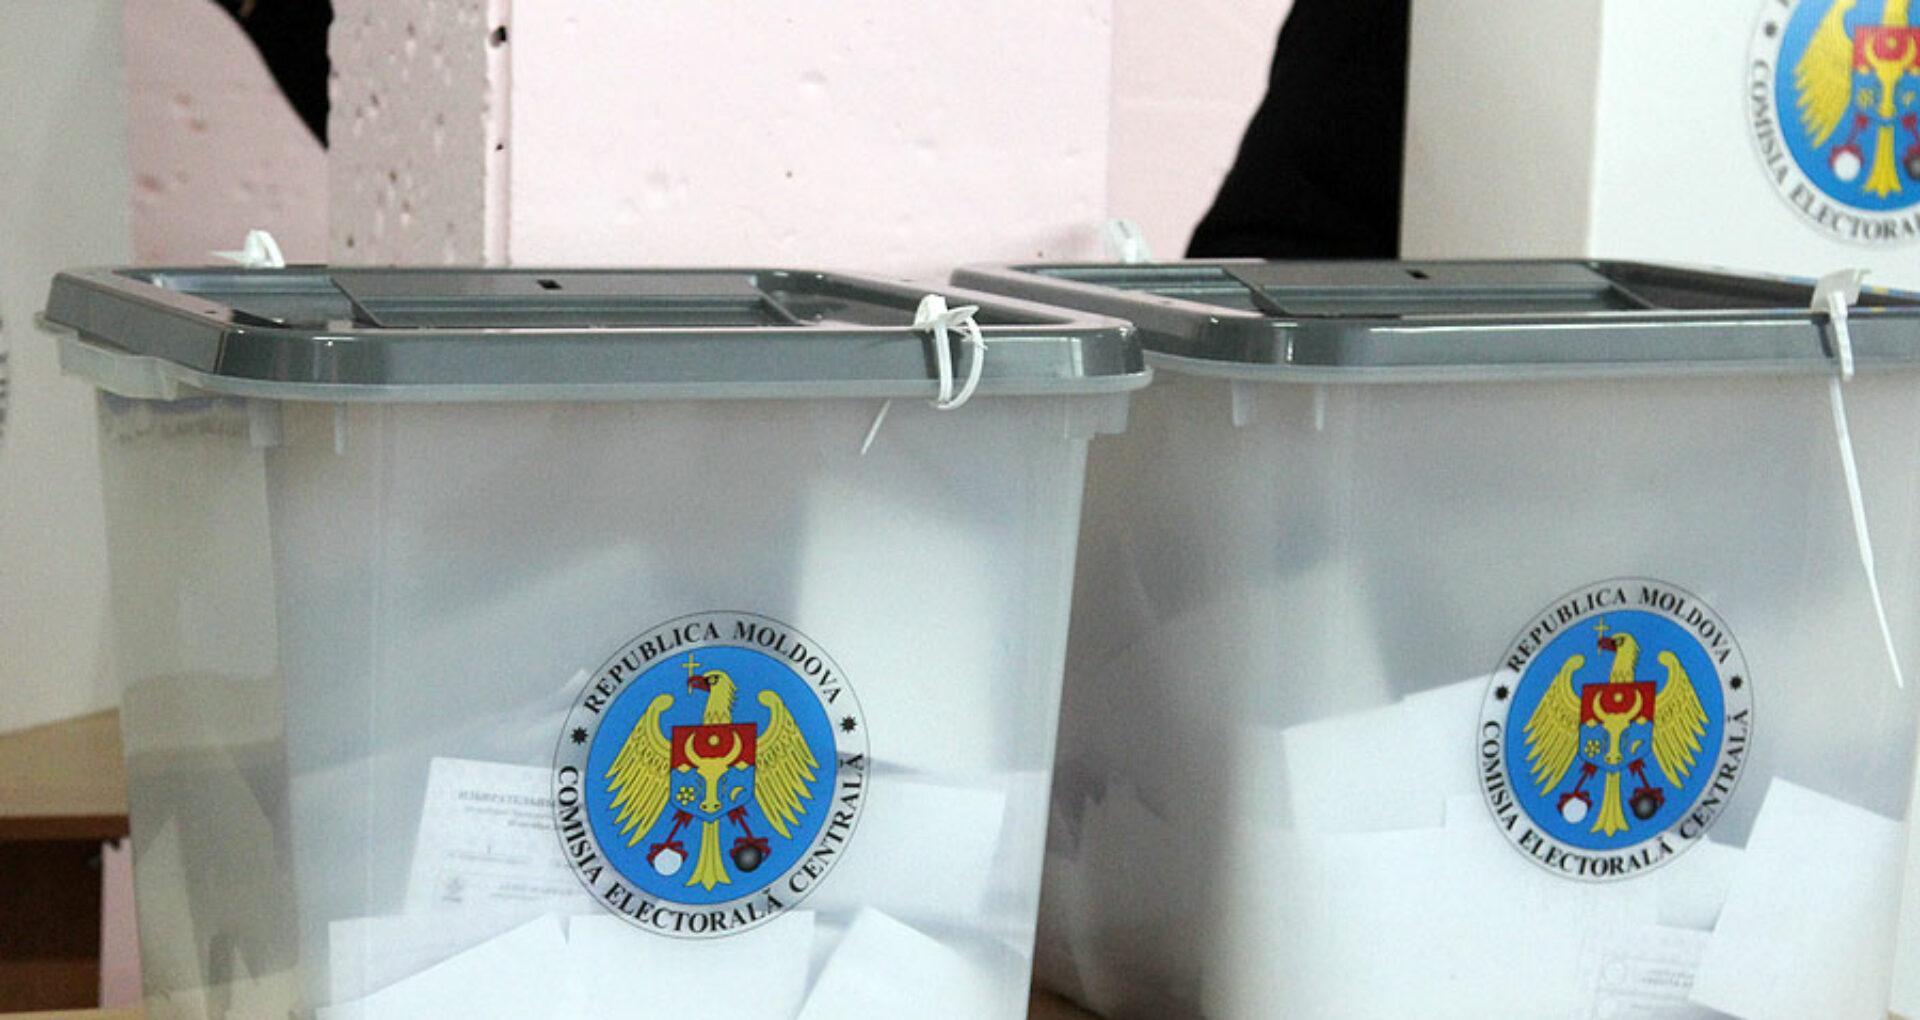 Partidul care și-a schimbat denumirea din NOI în PAȘ a depus actele la CEC pentru înregistrarea în cursa pentru alegerile parlamentare anticipate din 11 iulie